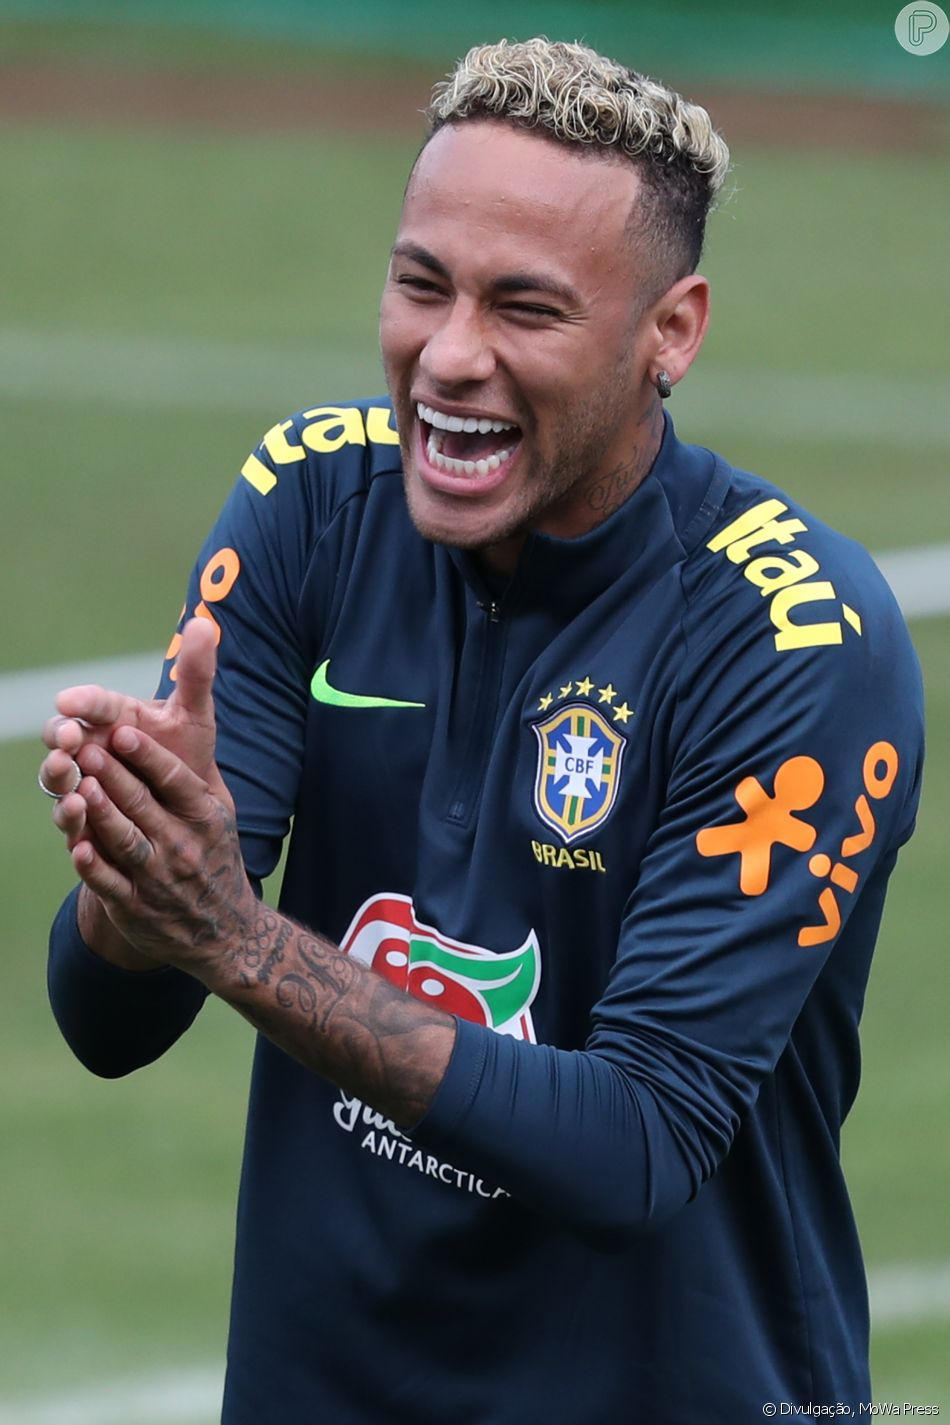 Neymar de cabelo mais curto deixa treino mancando antes de jogo neymar exibe cabelo mais curto e sai mancando em treino na rssia nesta sexta feira stopboris Image collections